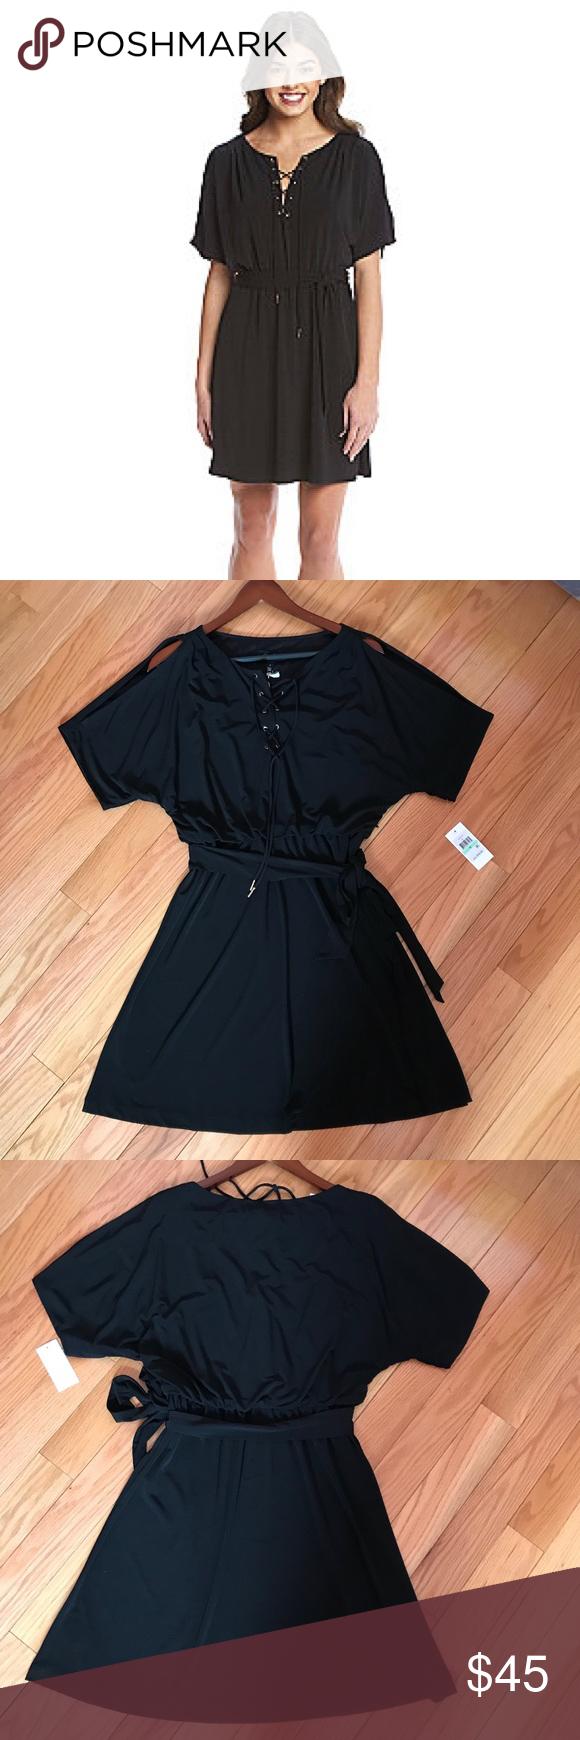 Jessica Simpson Blouson Dress Dresses Blouson Dress Clothes Design [ 1740 x 580 Pixel ]